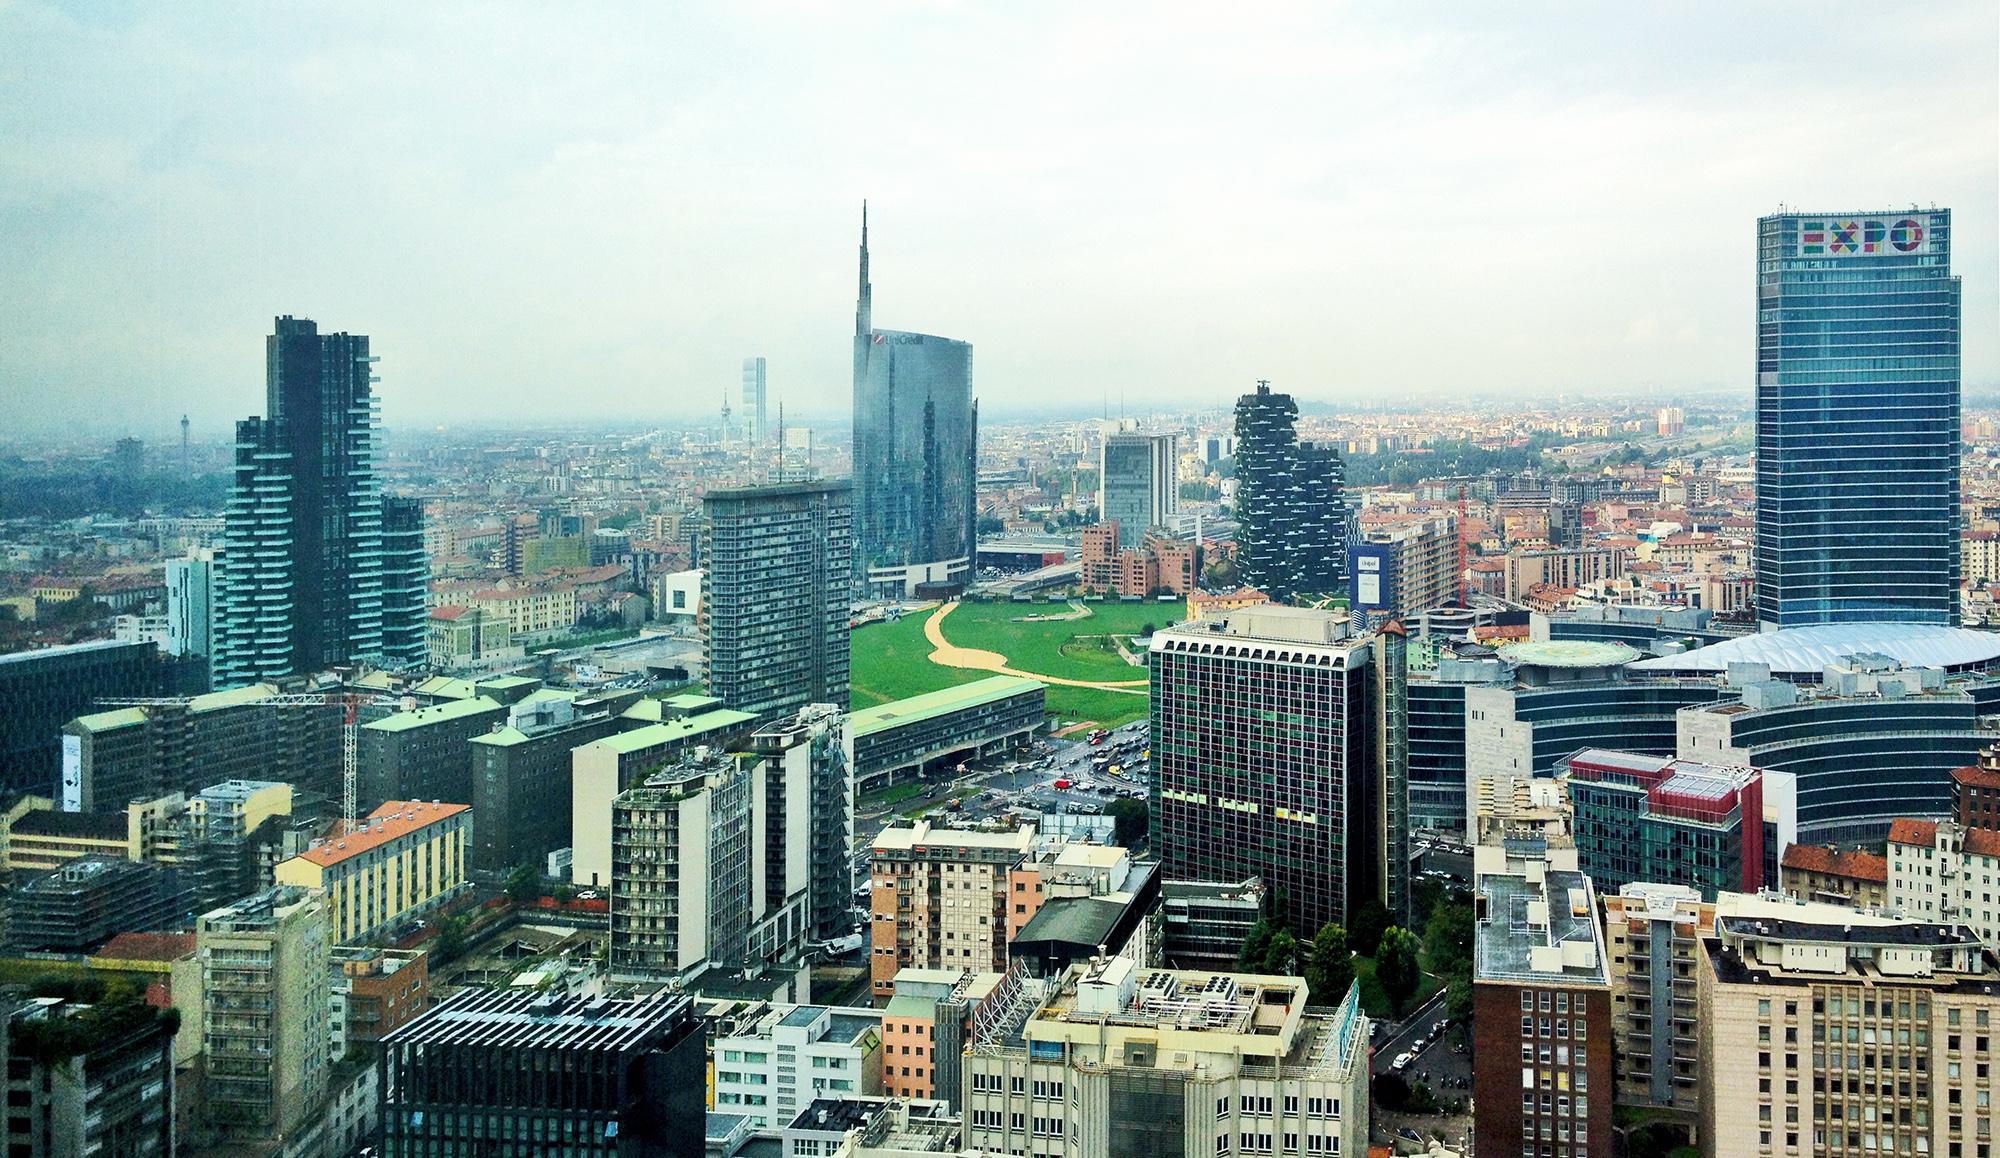 Milano 2016 dopo la citt immaginata da pisapia 1 for Milano 2016